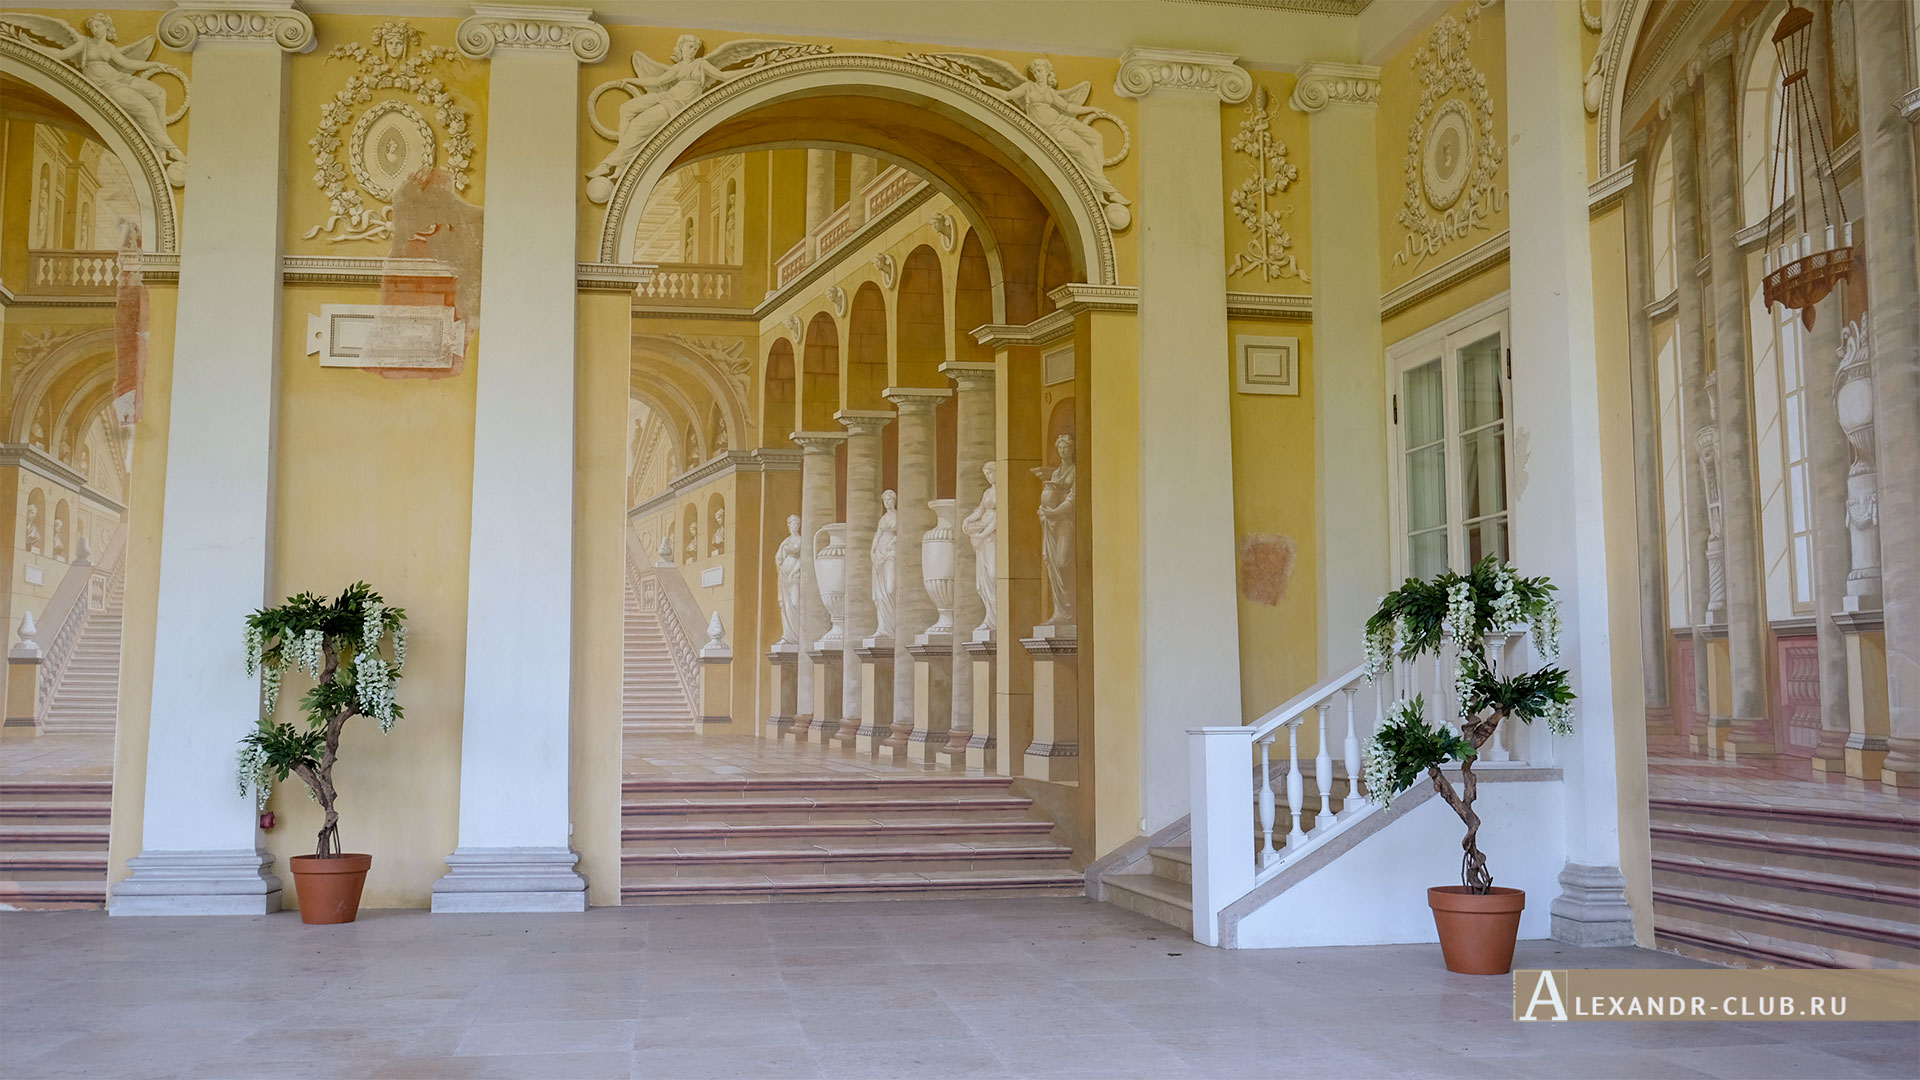 Павловск, лето, Большой Павловский дворец, Галерея Гонзаго